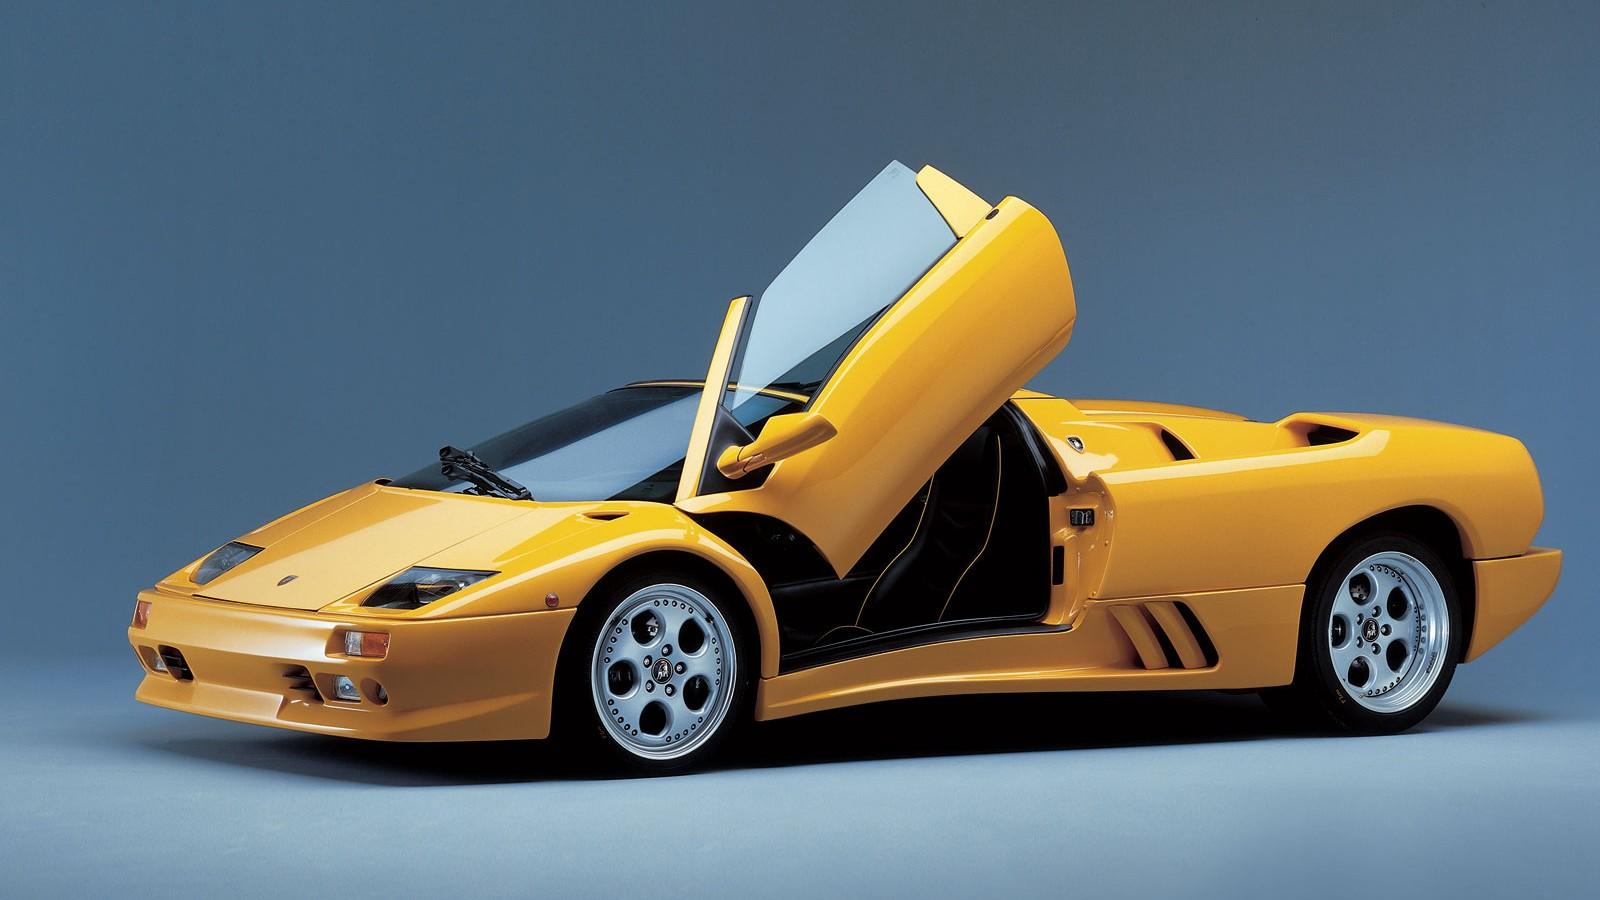 Yellow Lamborghini Car With Doors Open